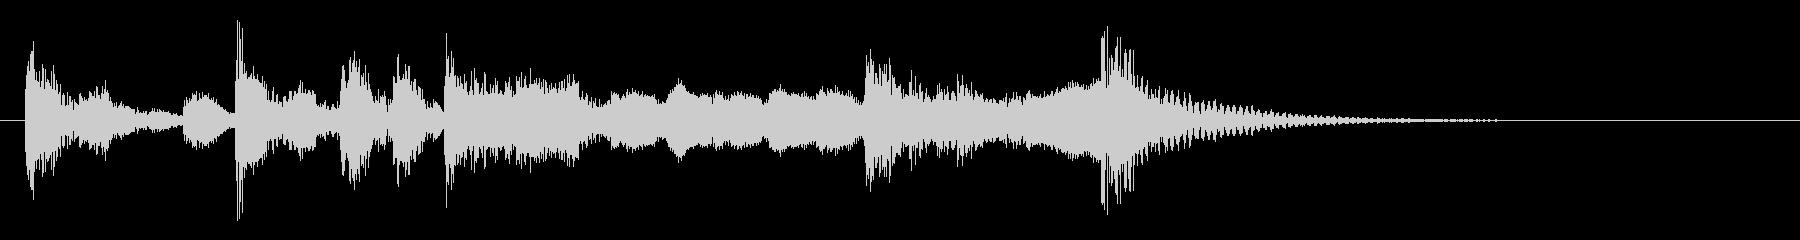 演歌な ジングル アイキャッチ 2の未再生の波形